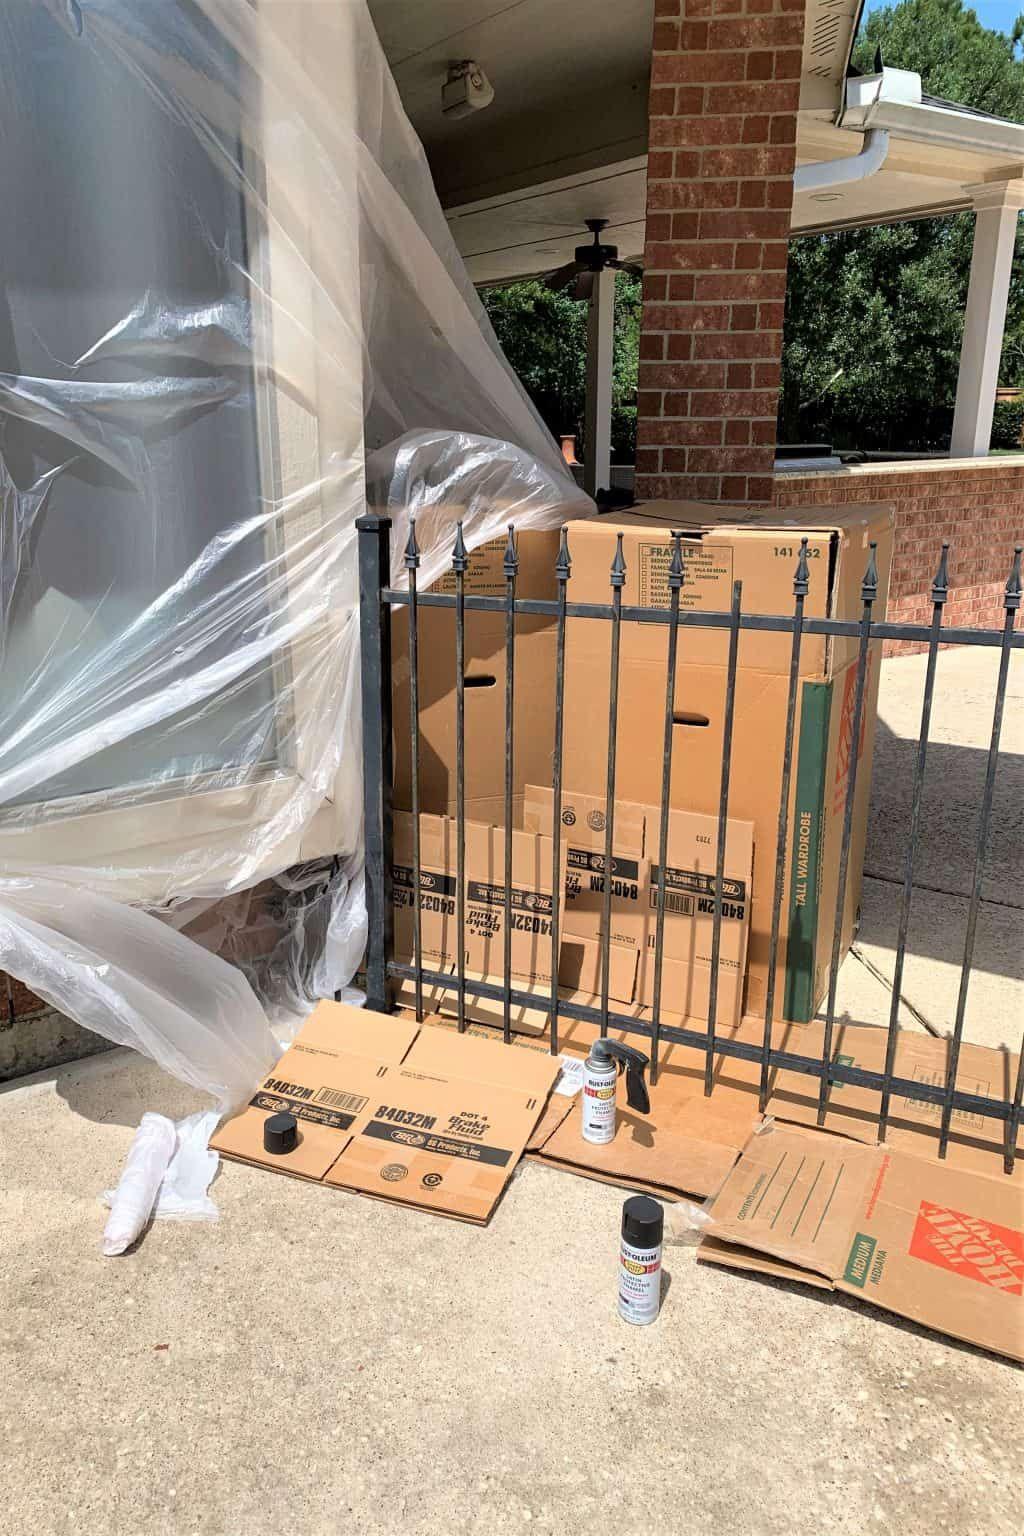 Diy spray painting wrought iron fence tutorial